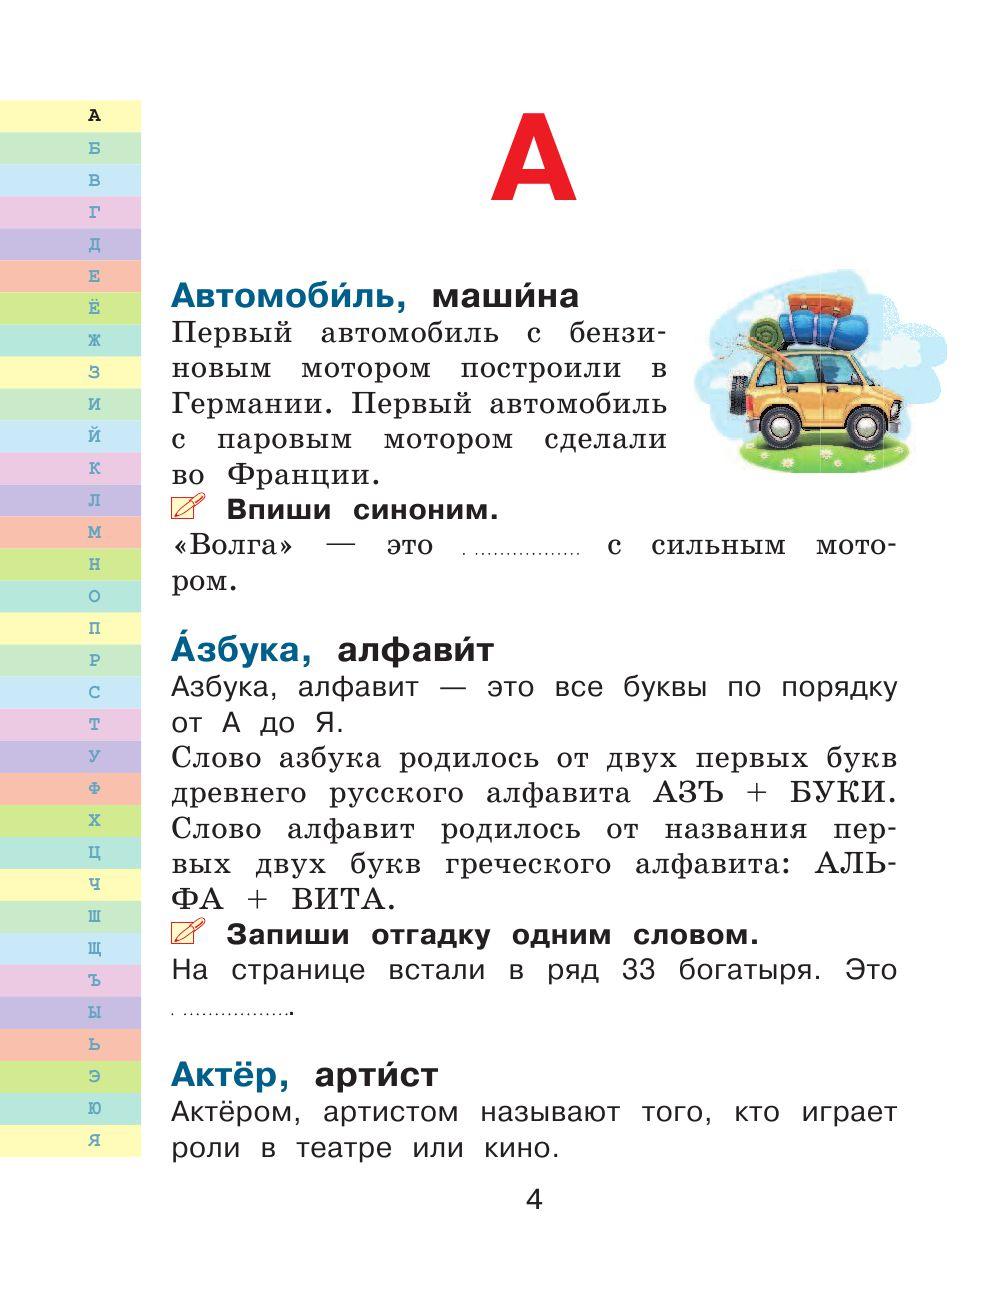 словарь синонимов беларуского языка